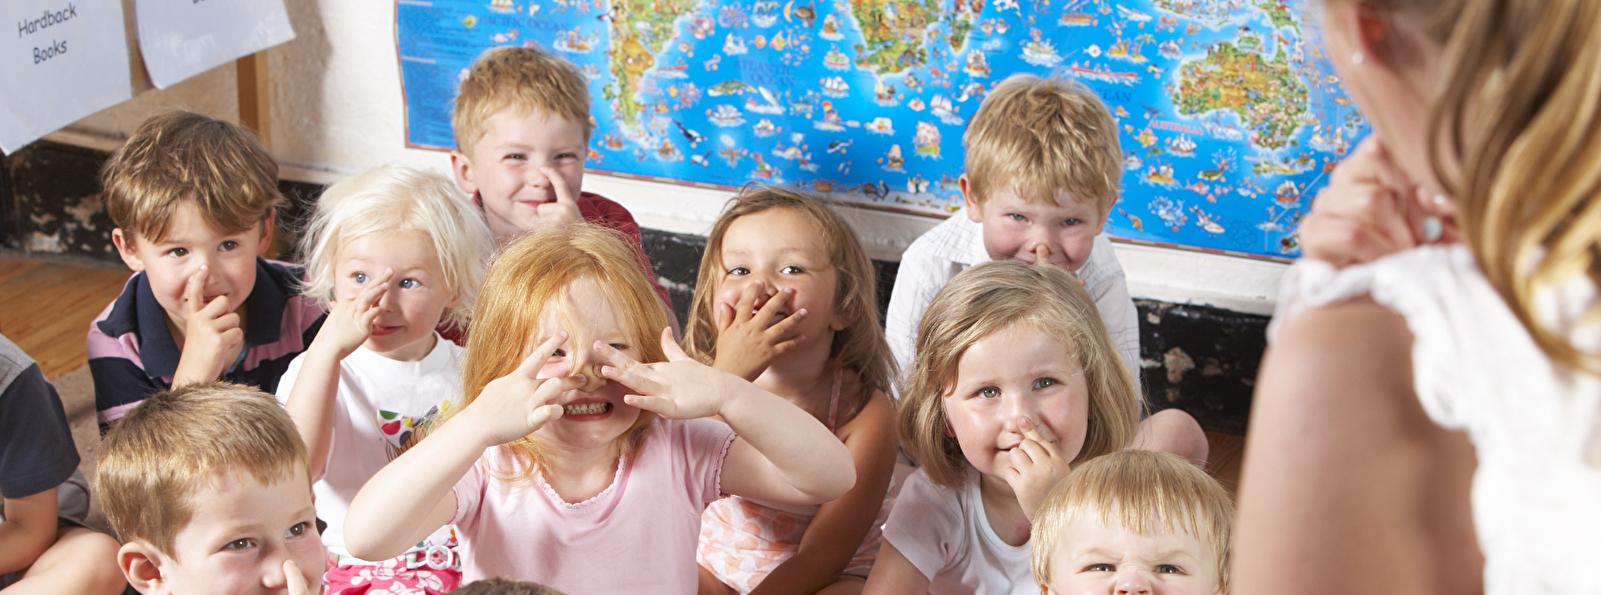 Bild zum Thema Kindergarten